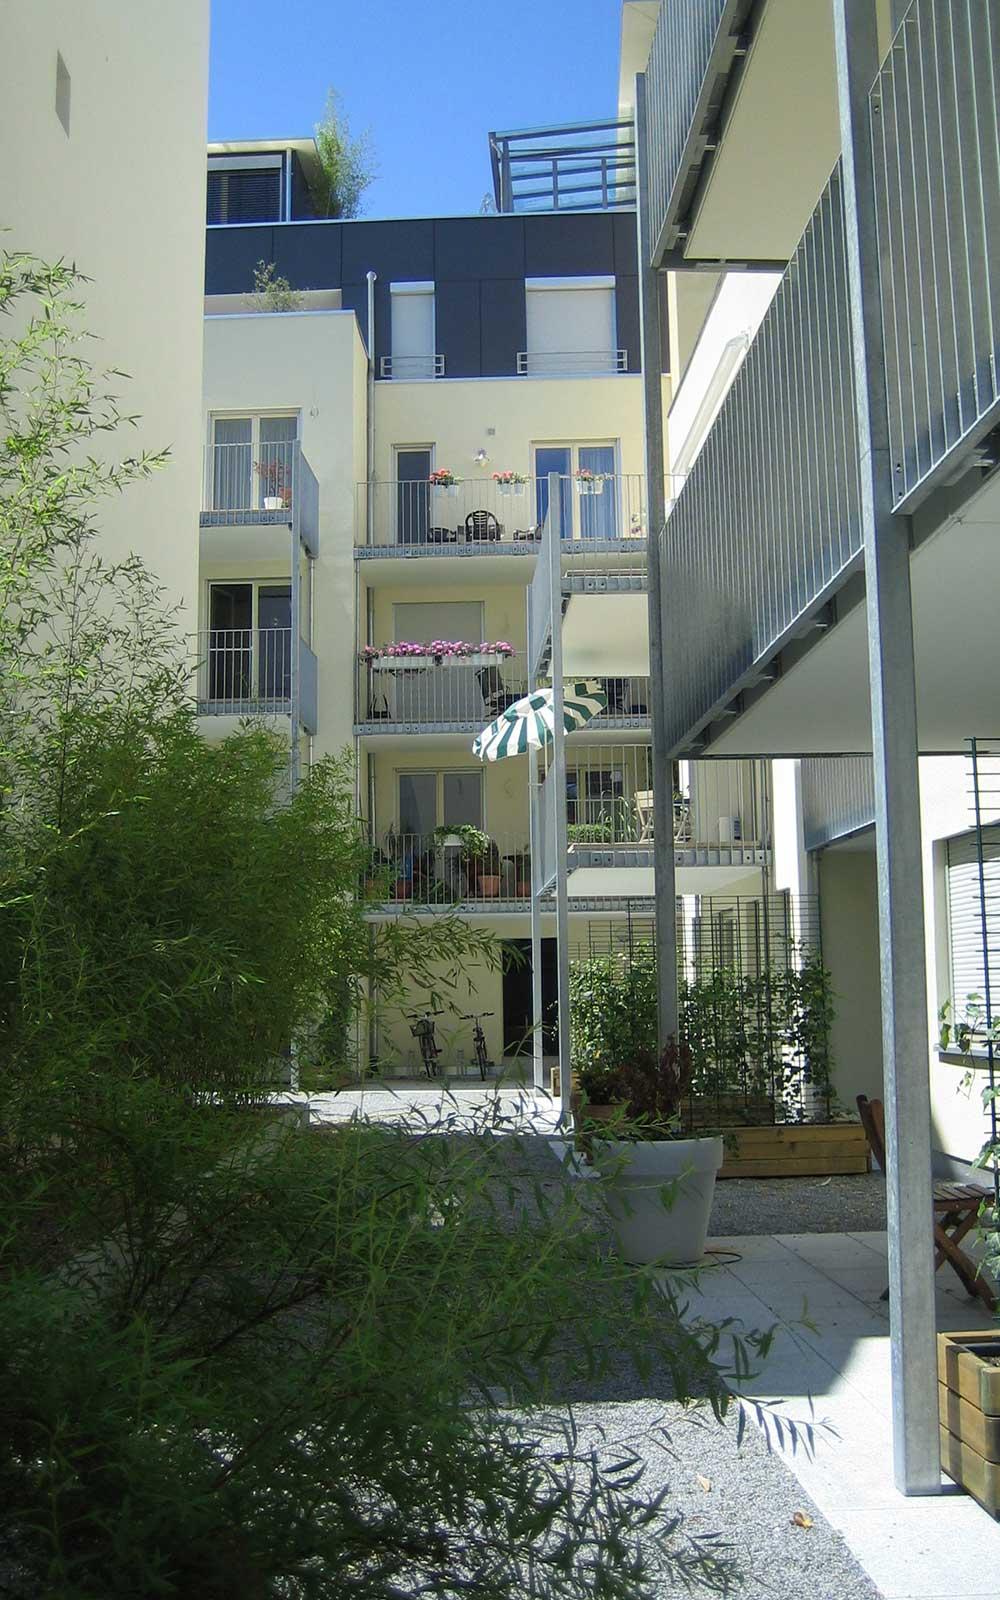 Mehrfamilienhaus in Neuenheim, Kochhan und Weckbach Heidelberg